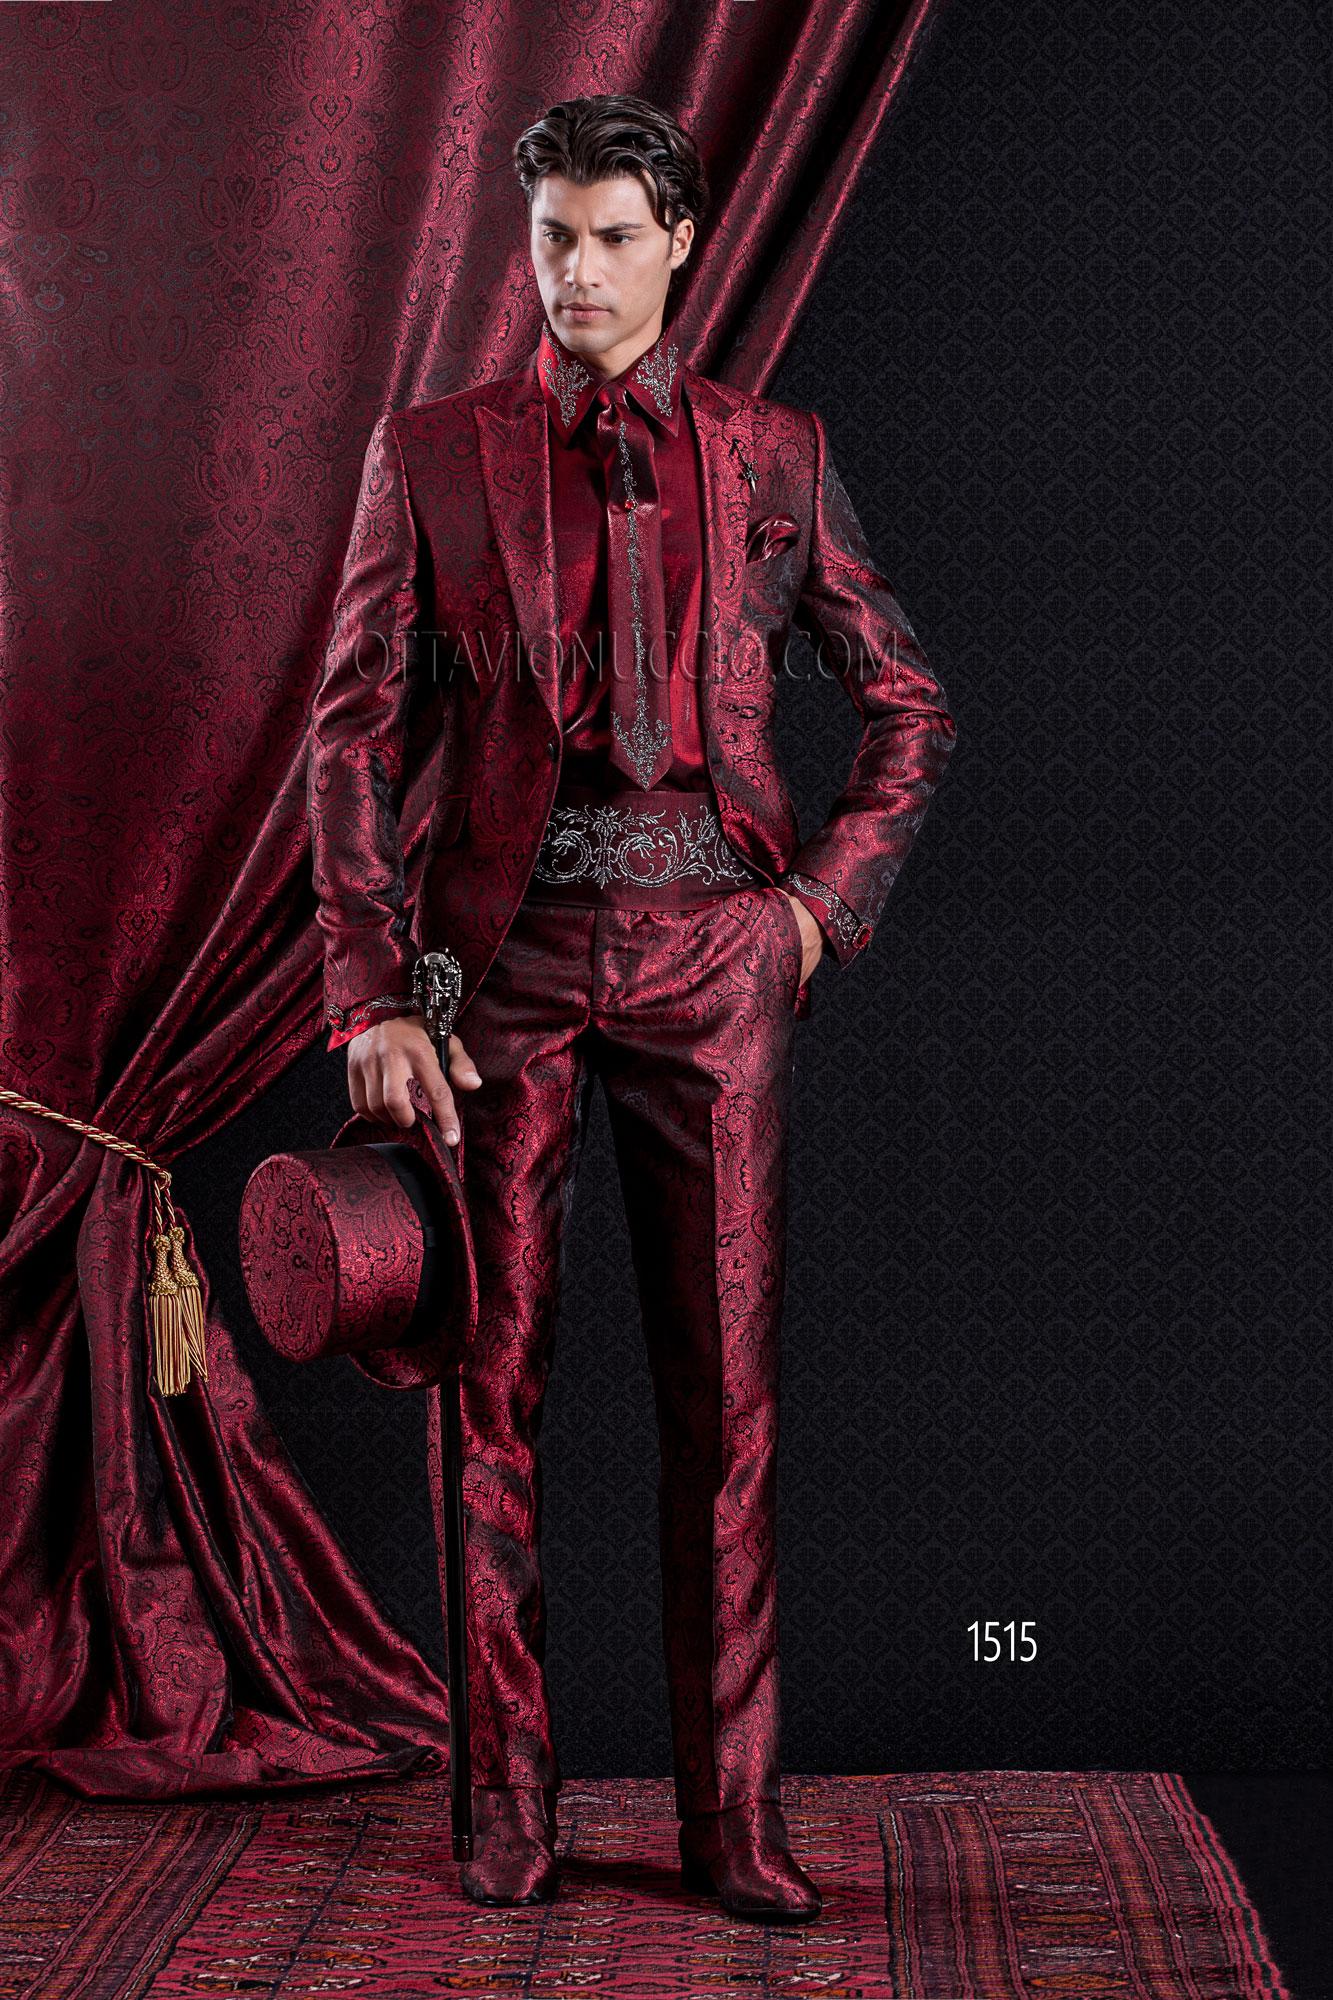 Abito Matrimonio Uomo Rosso : Sposo rosso barocco slim giacca damascato abito wdfboqw